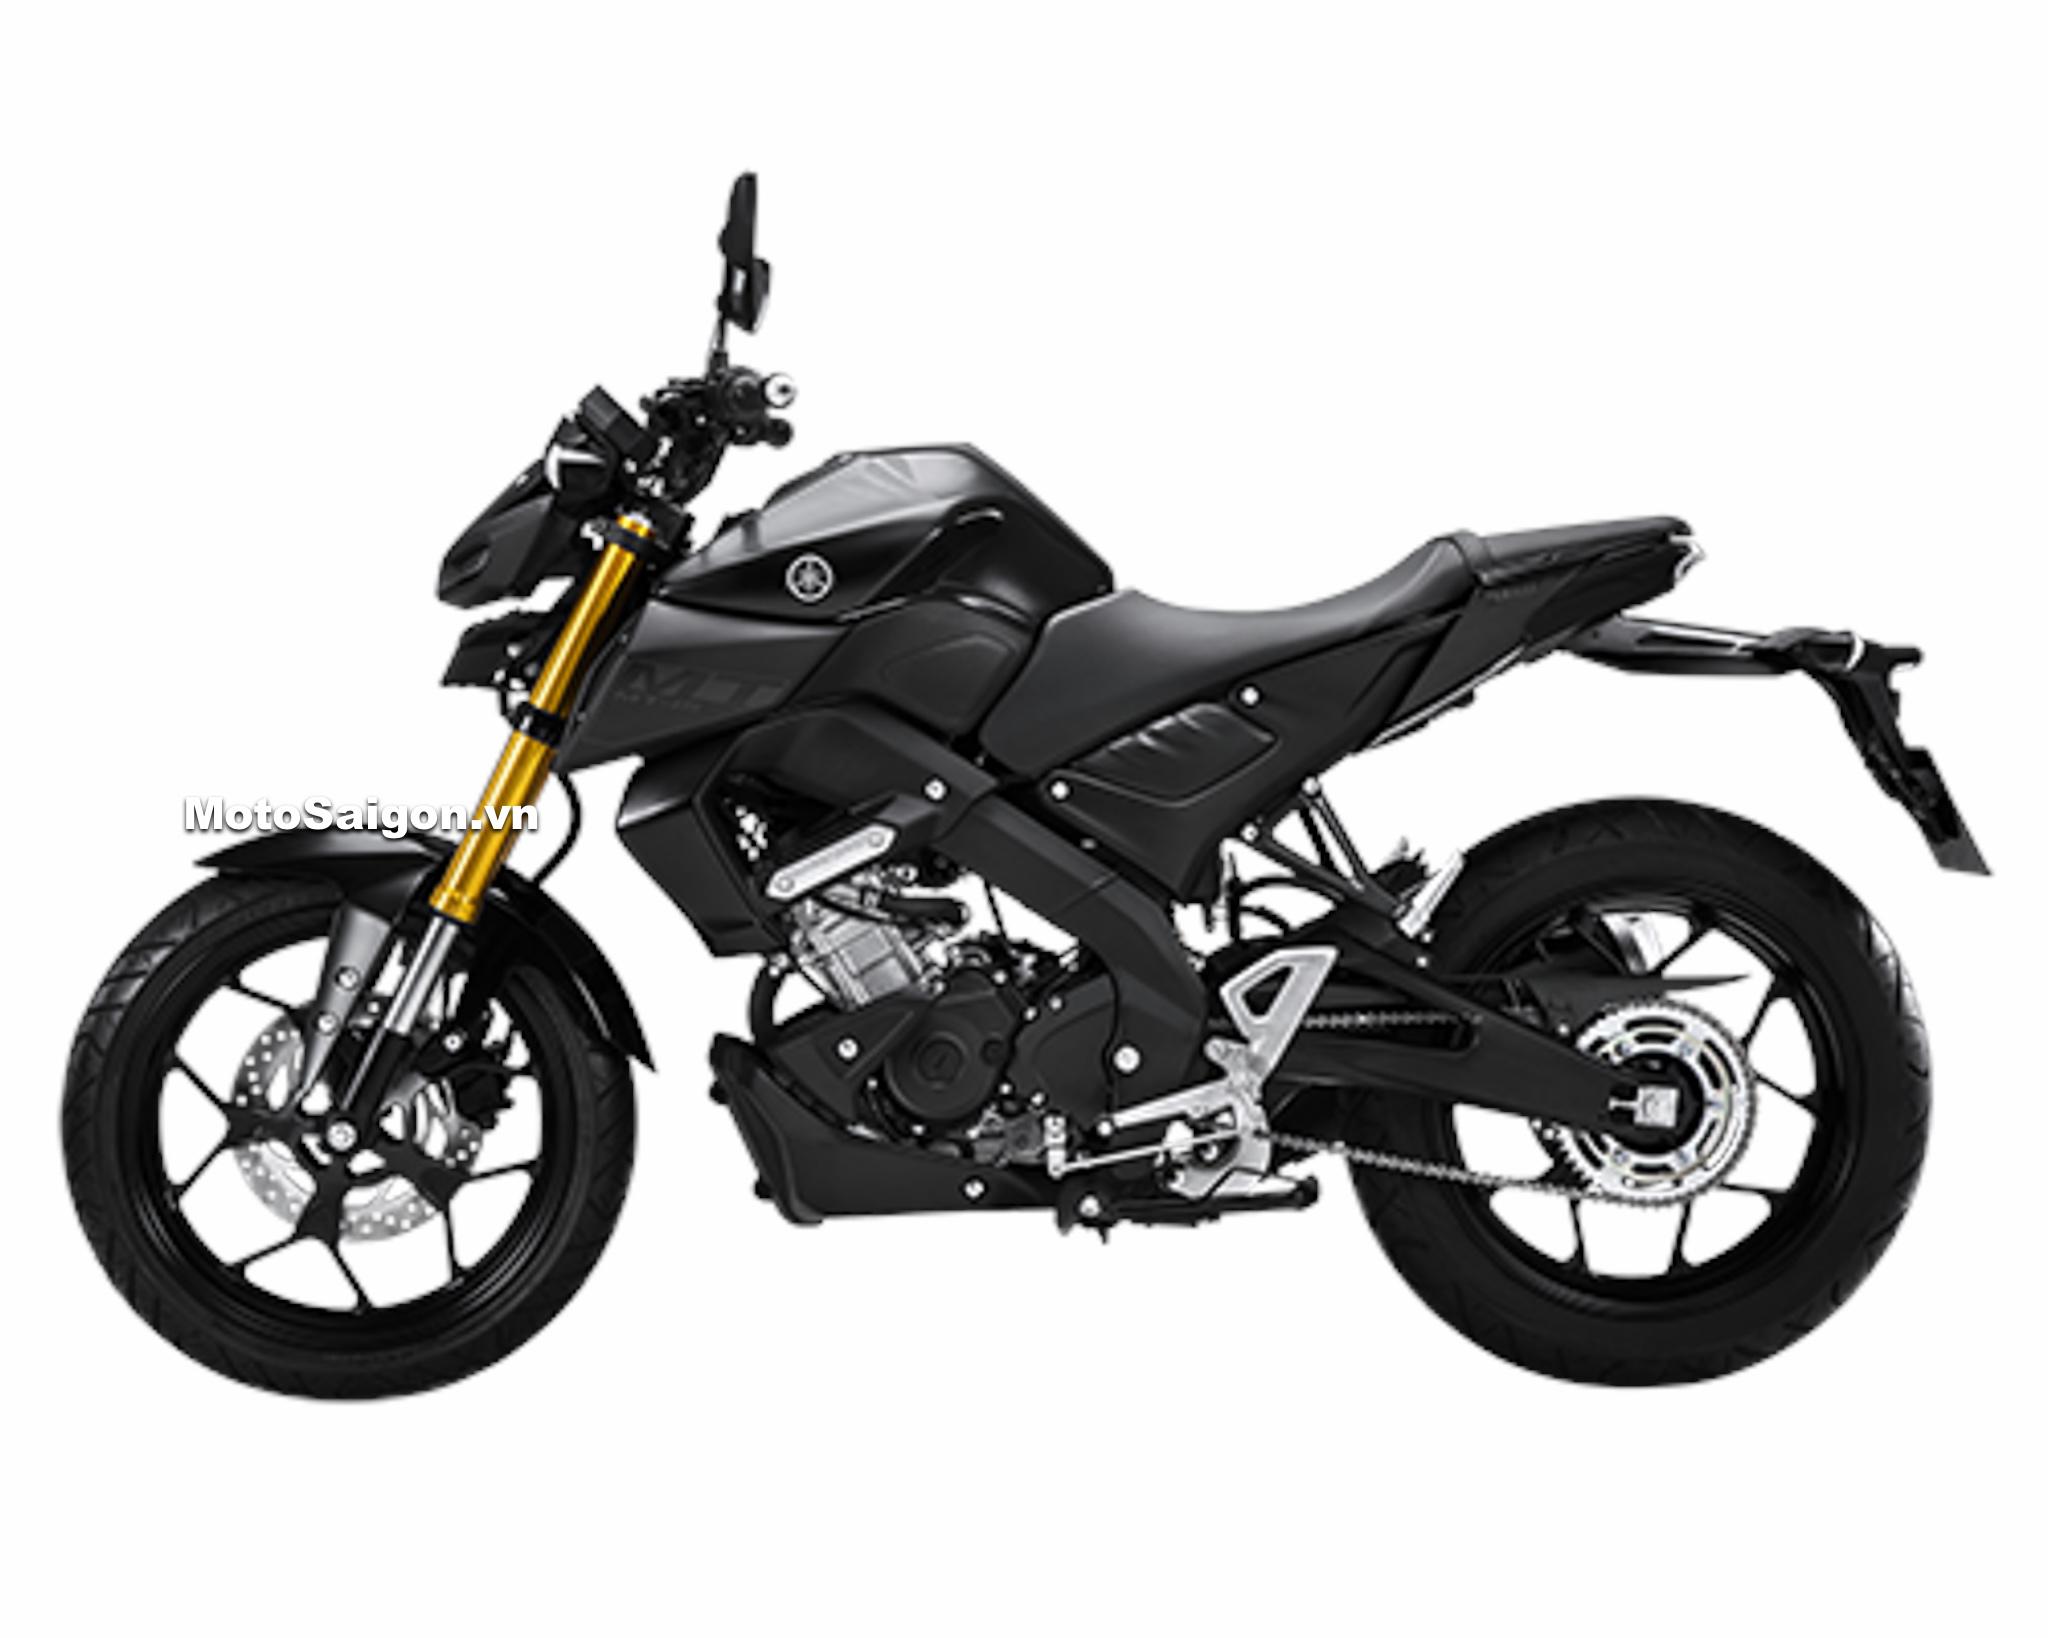 Yamaha MT-15 chính hãng màu Đen giá bán 78 triệu đồng